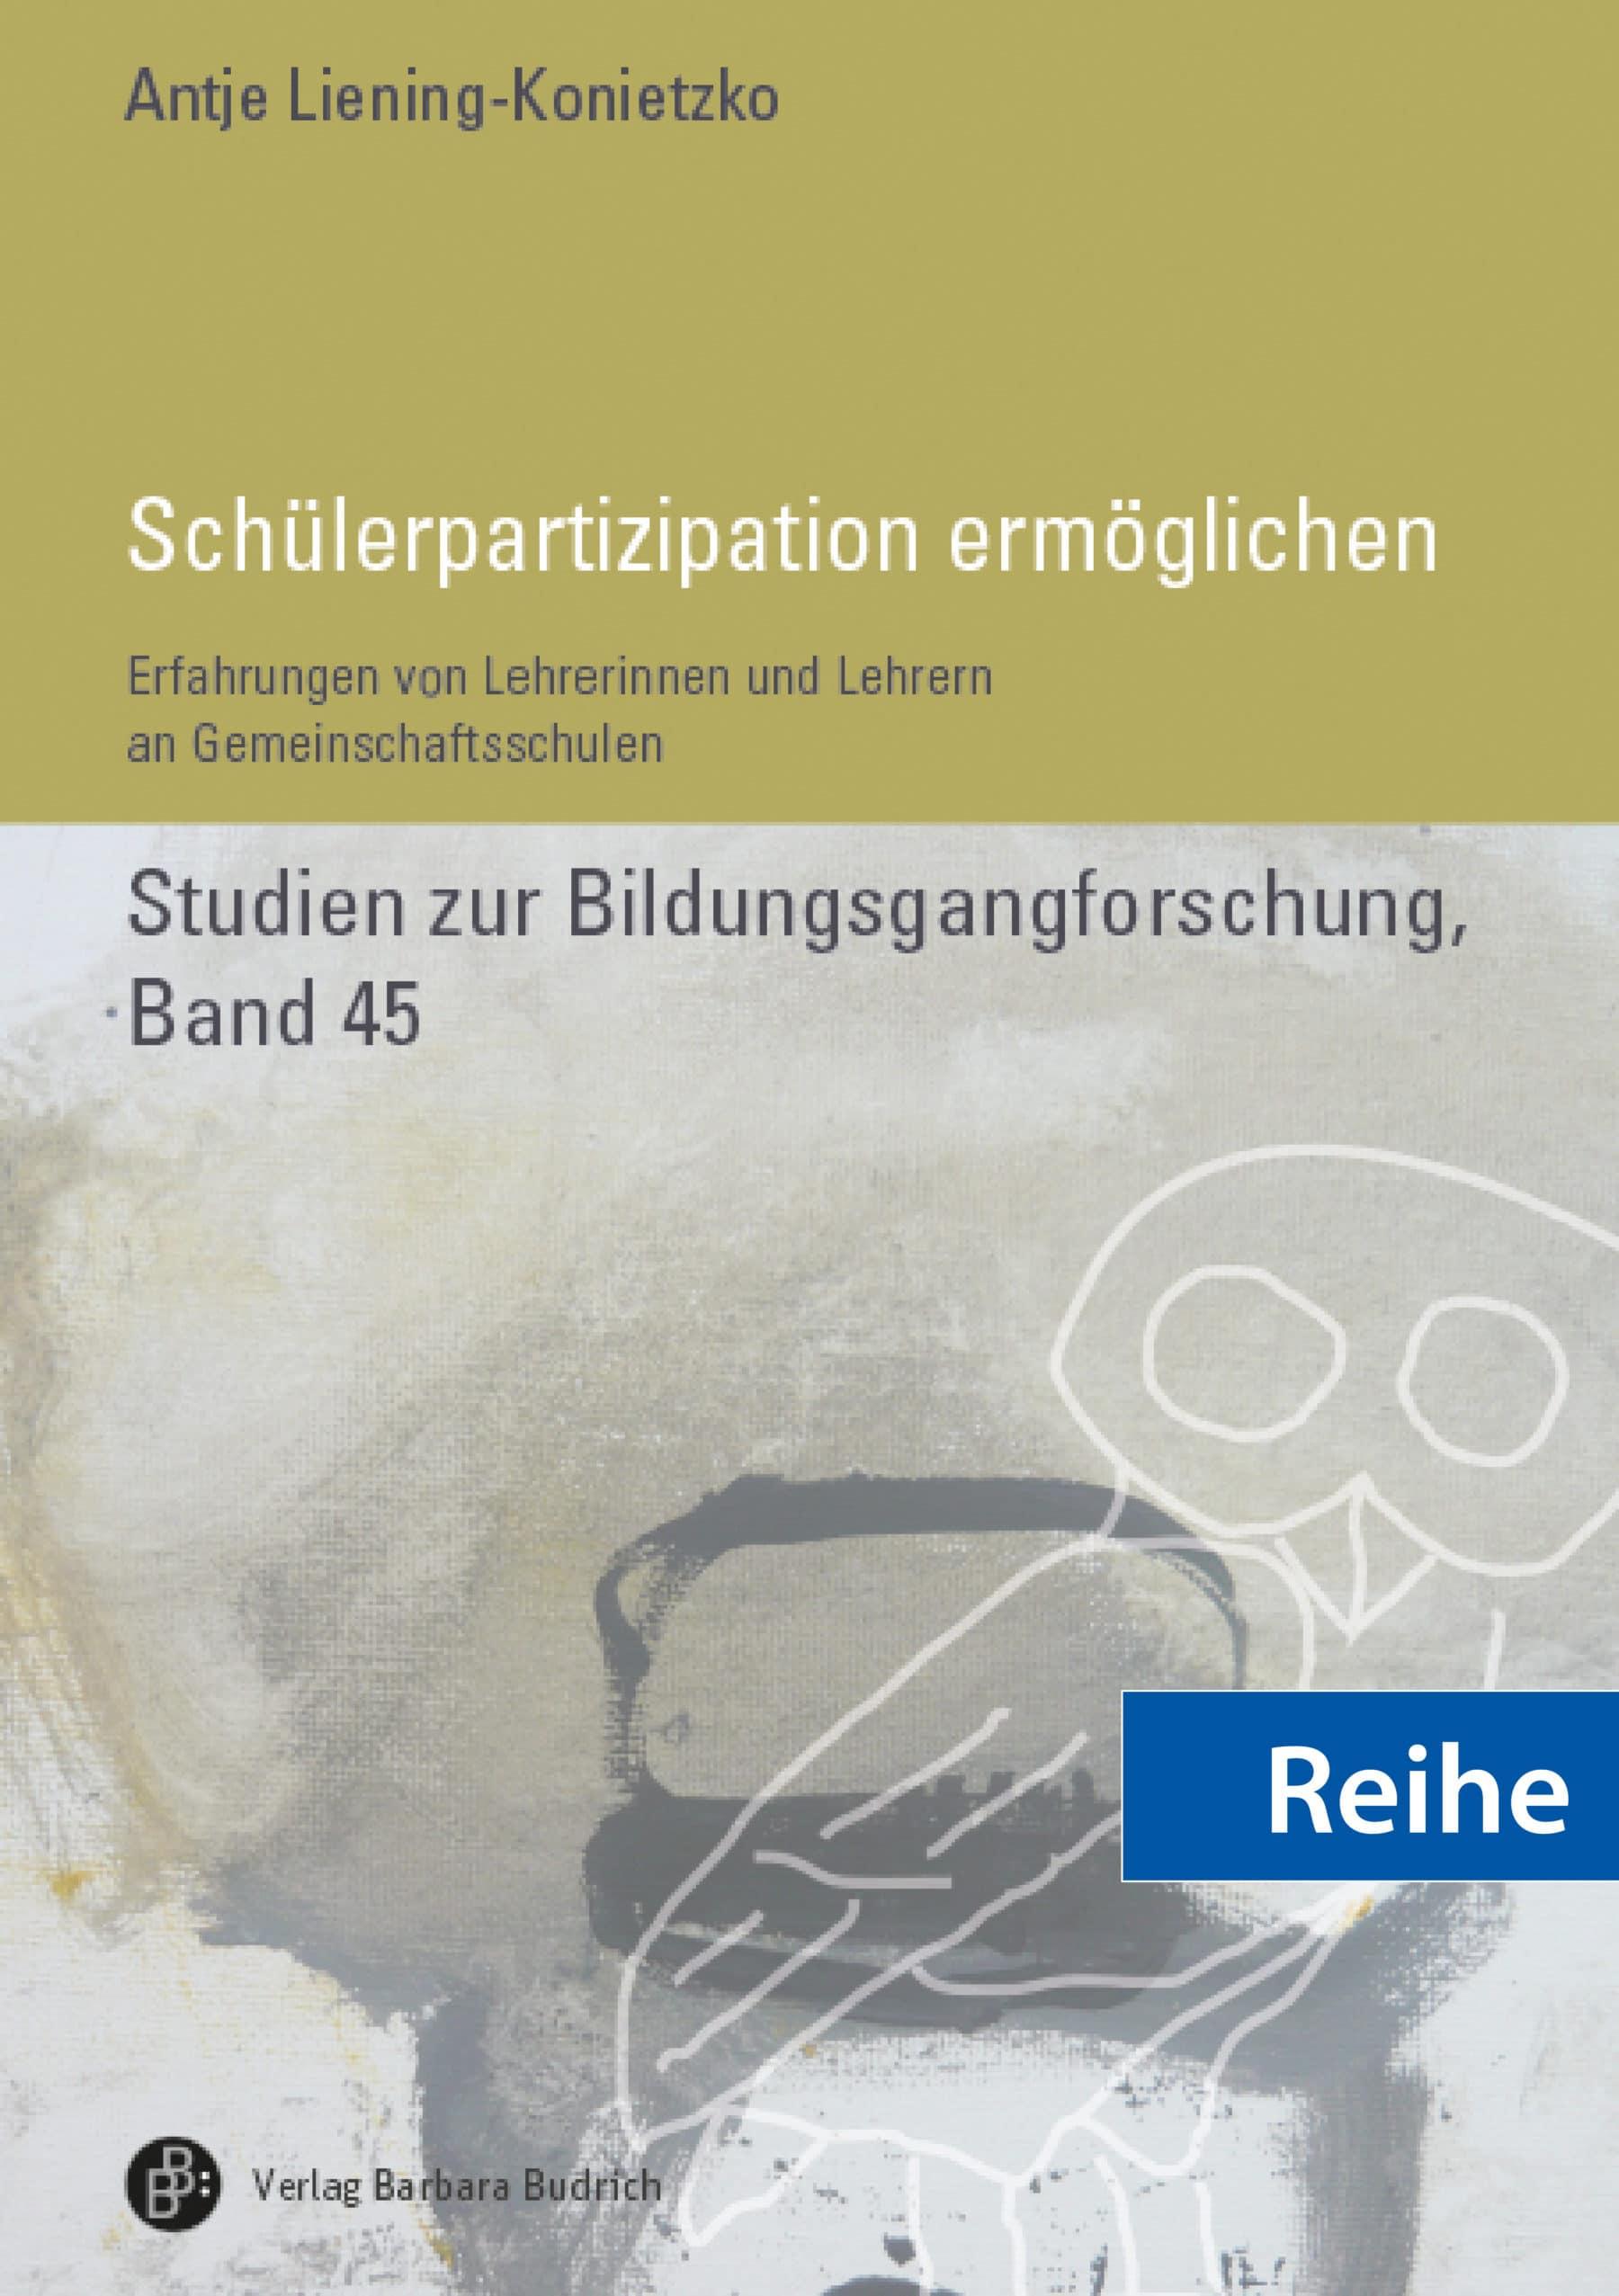 Reihe - Studien zur Bildungsgangforschung